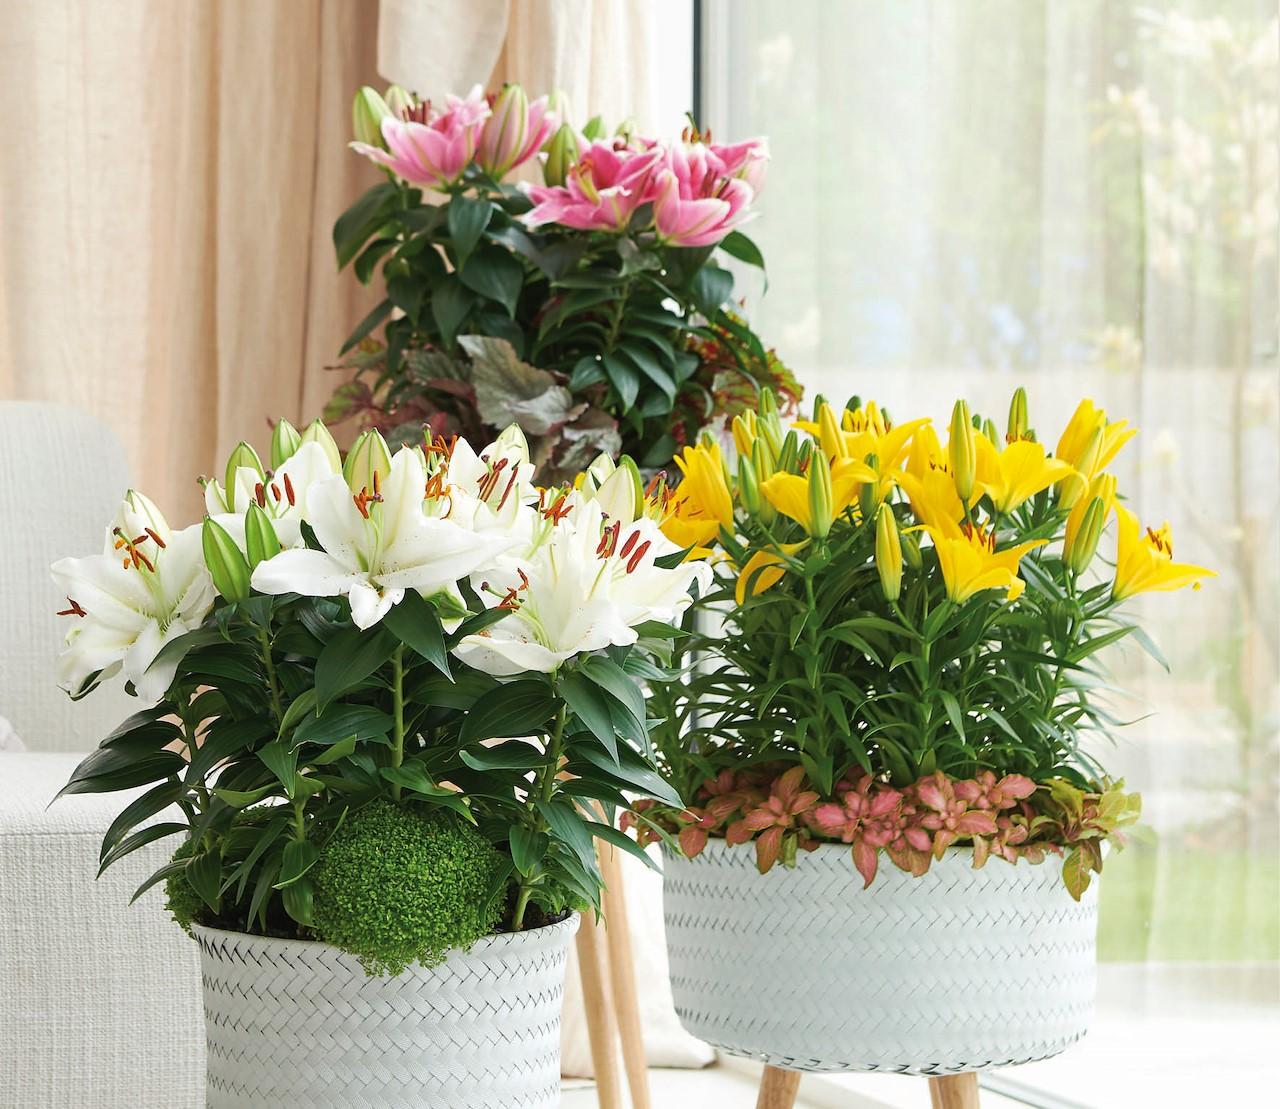 Sprookjesbloemen in huis met potlelies